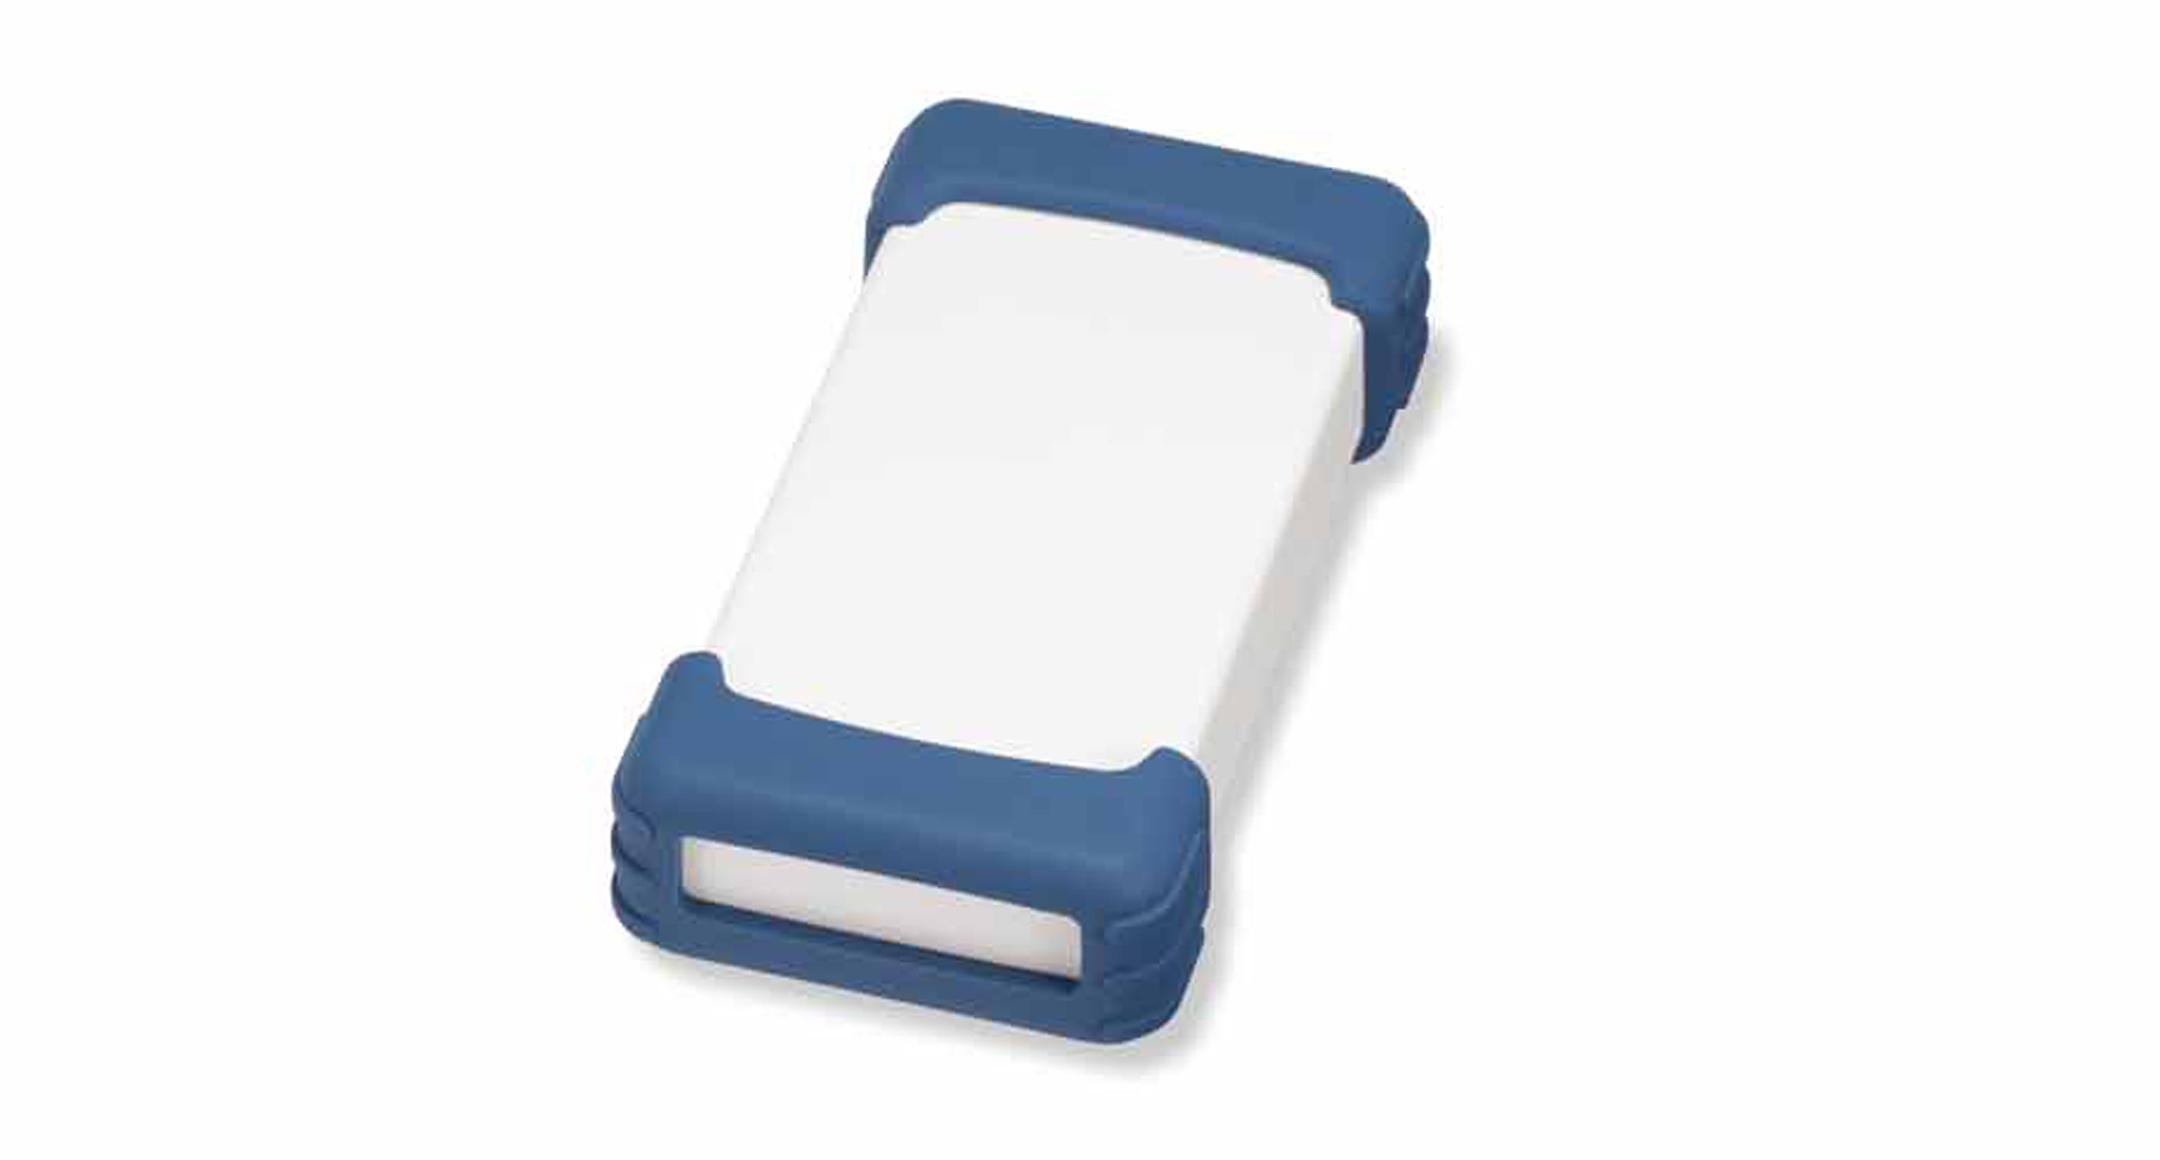 シリコンプロテクター付プラスチックケース TWSシリーズ:オフホワイト/ネイビーブルーの画像